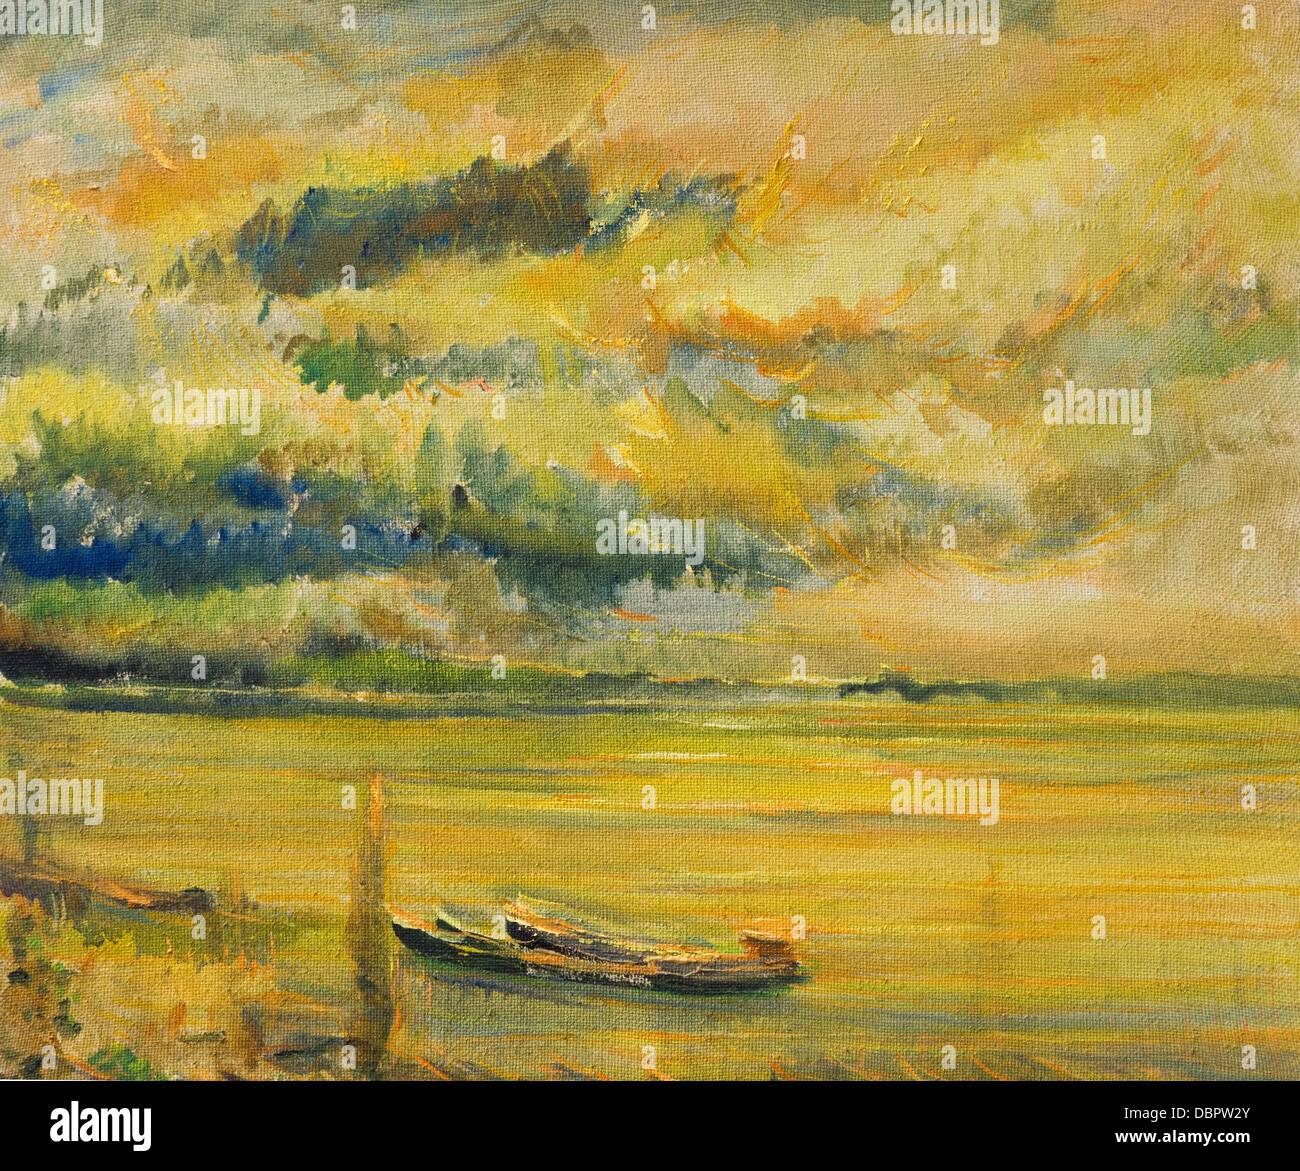 Un dipinto ad olio su tela di un colorato luminoso giallo tramonto sul fiume Danubio con due navi vicino alla riva Immagini Stock